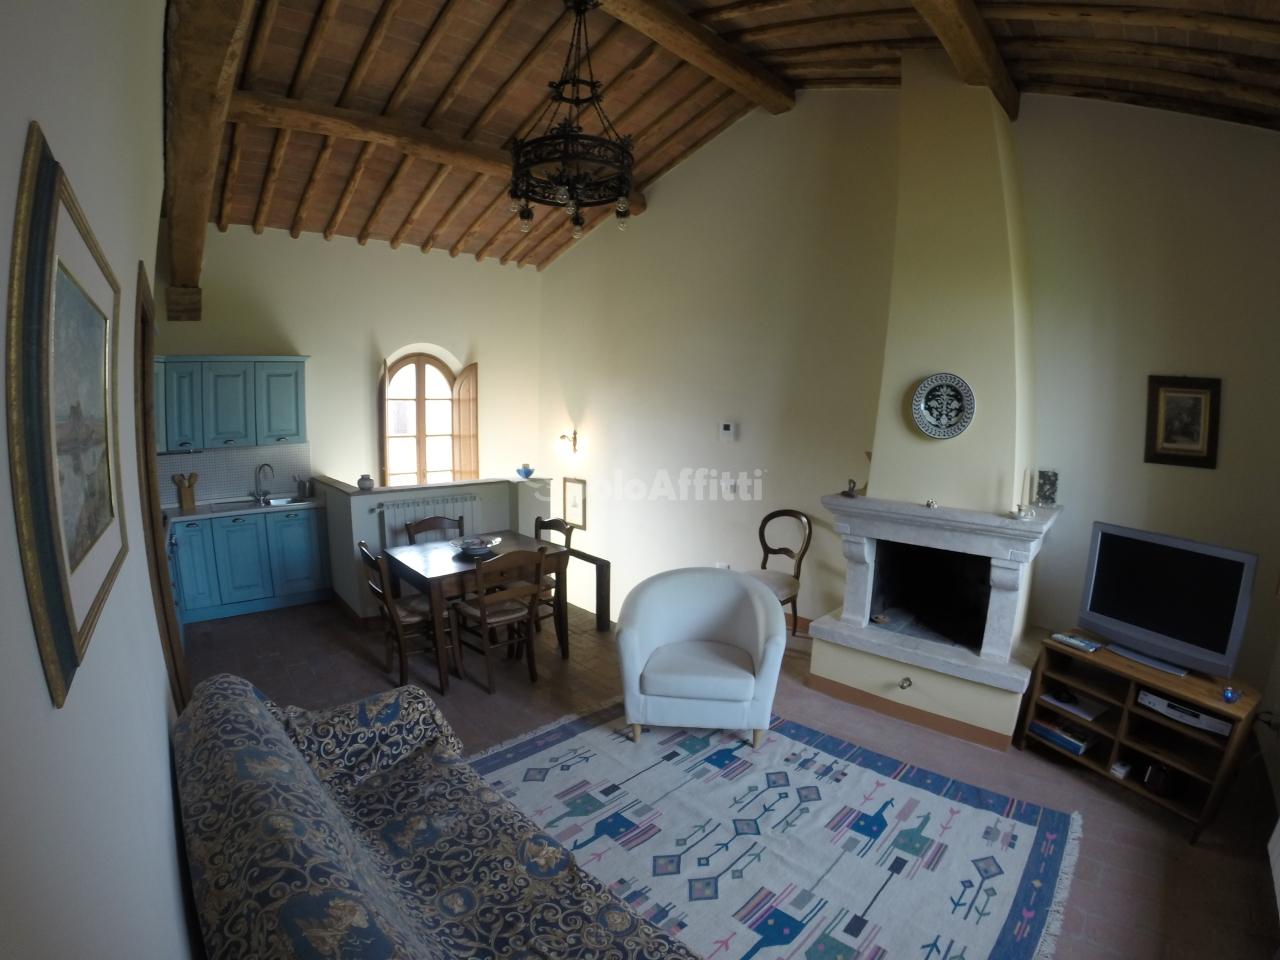 Appartamento - Bilocale a Costafabbri, Siena